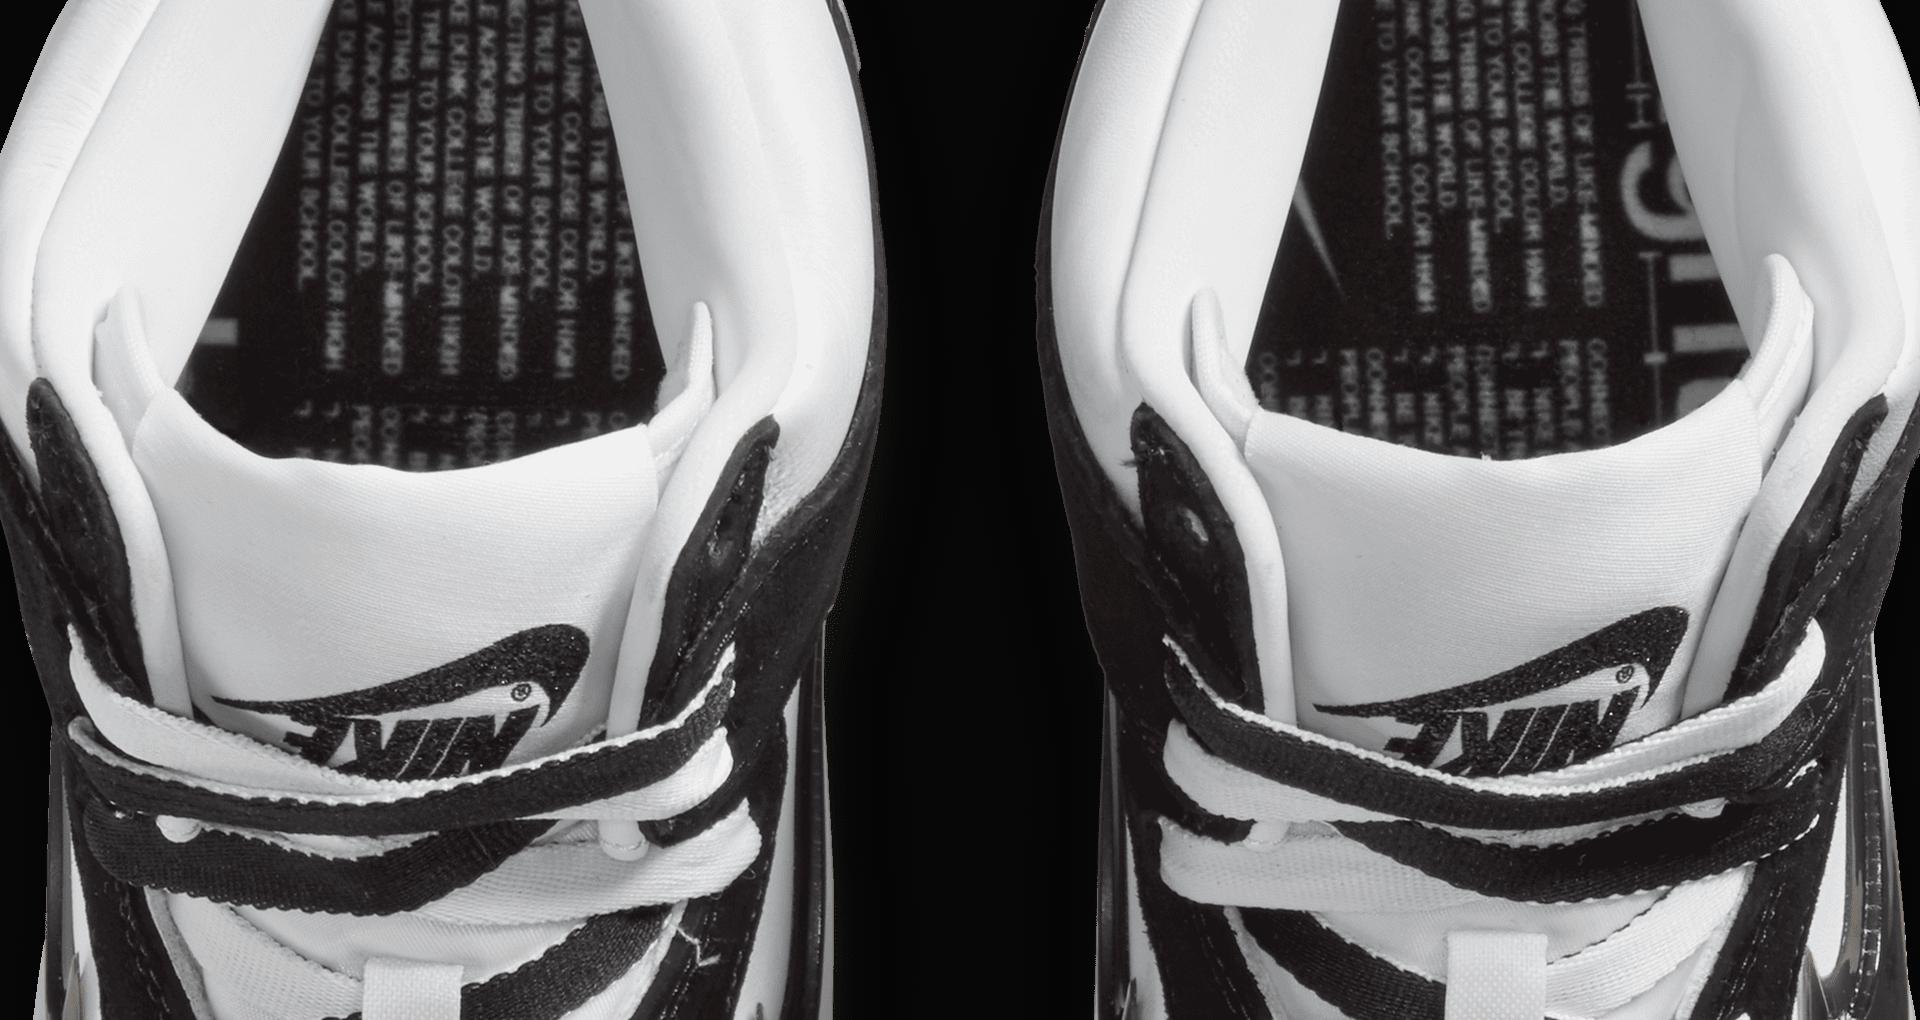 スラムジャム × ナイキ ダンク ハイ クリアブラック nike-dunk-high-x-slam-jam-clear-black-DA1639-101-top-closeup